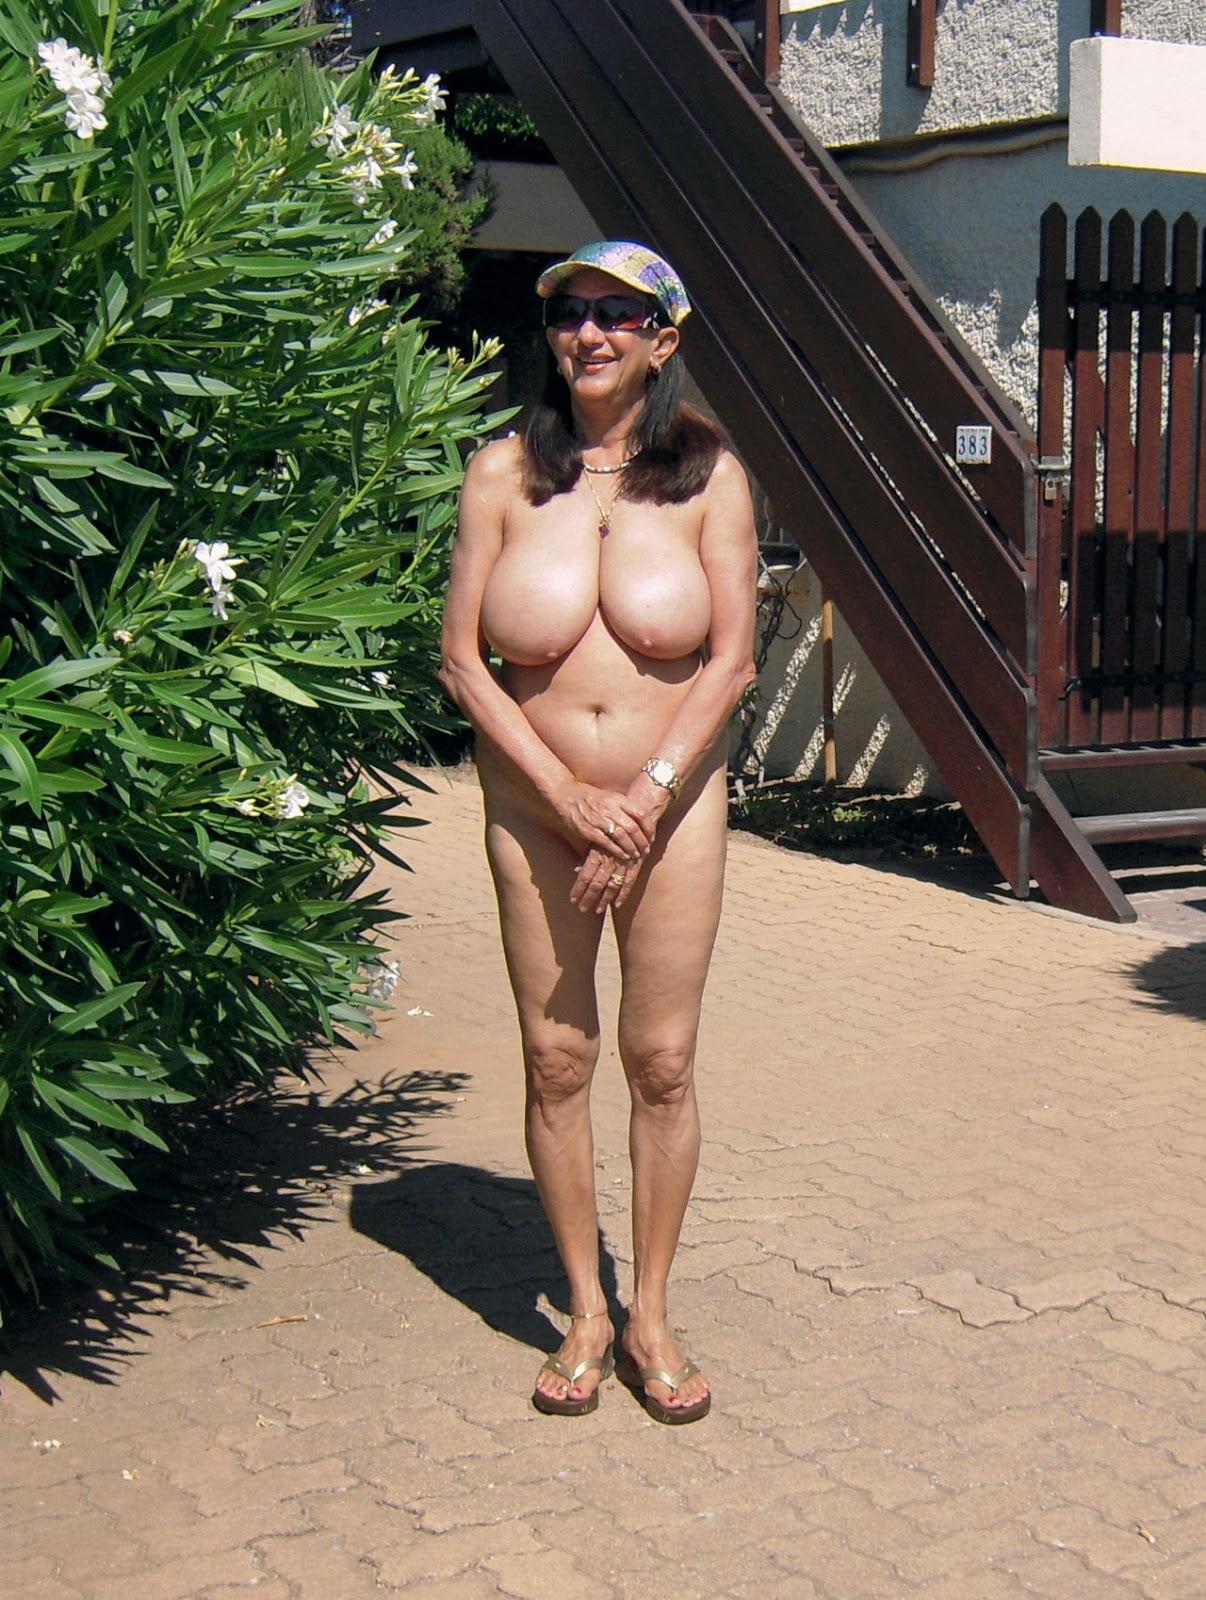 Nude slutty college girl gif